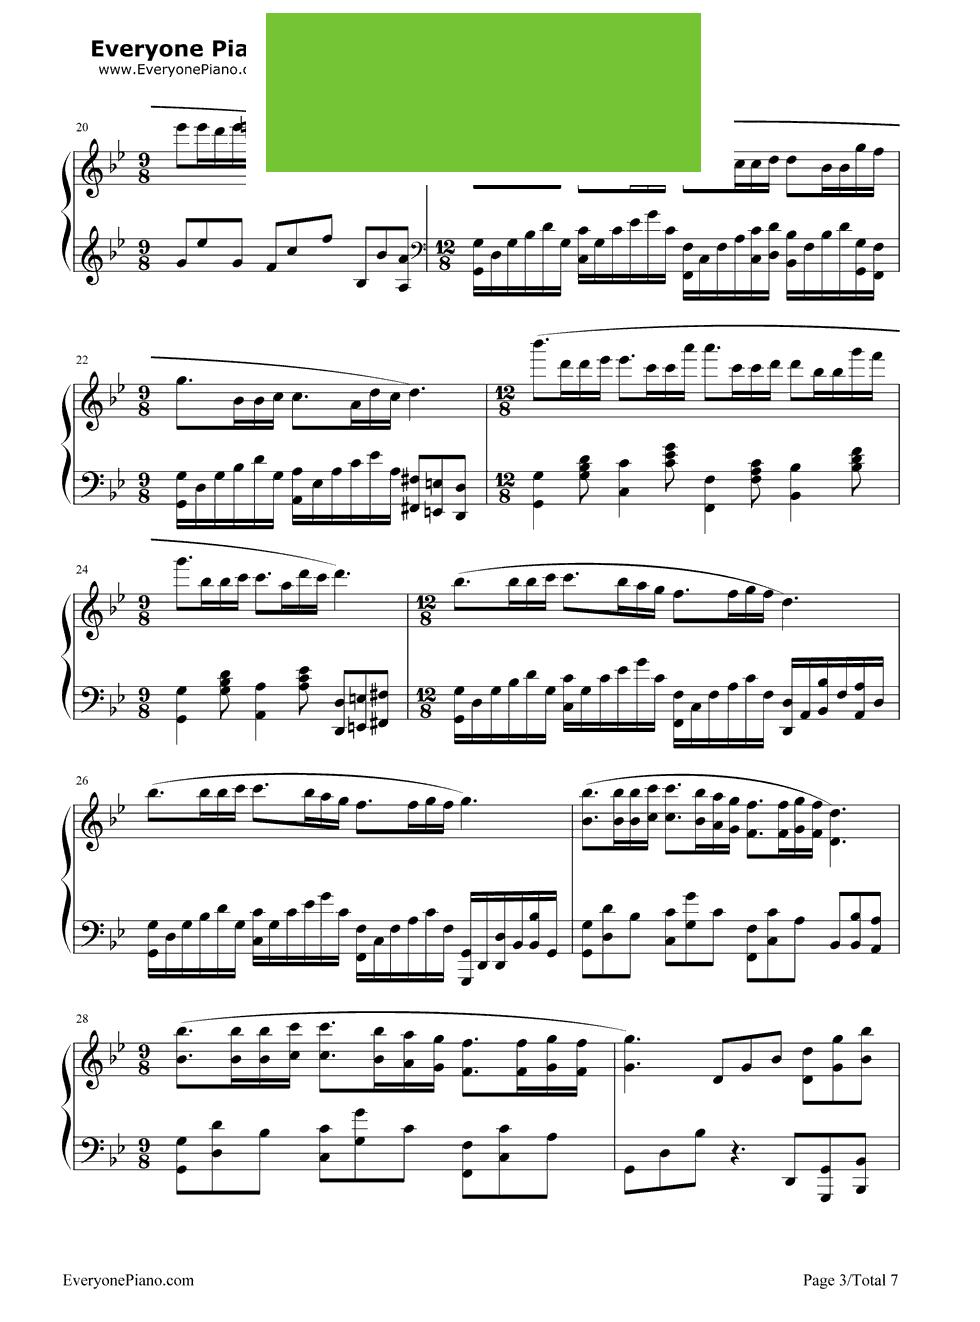 梦的婚礼钢琴曲m3 钢琴曲梦的婚礼简谱 辣二图片网